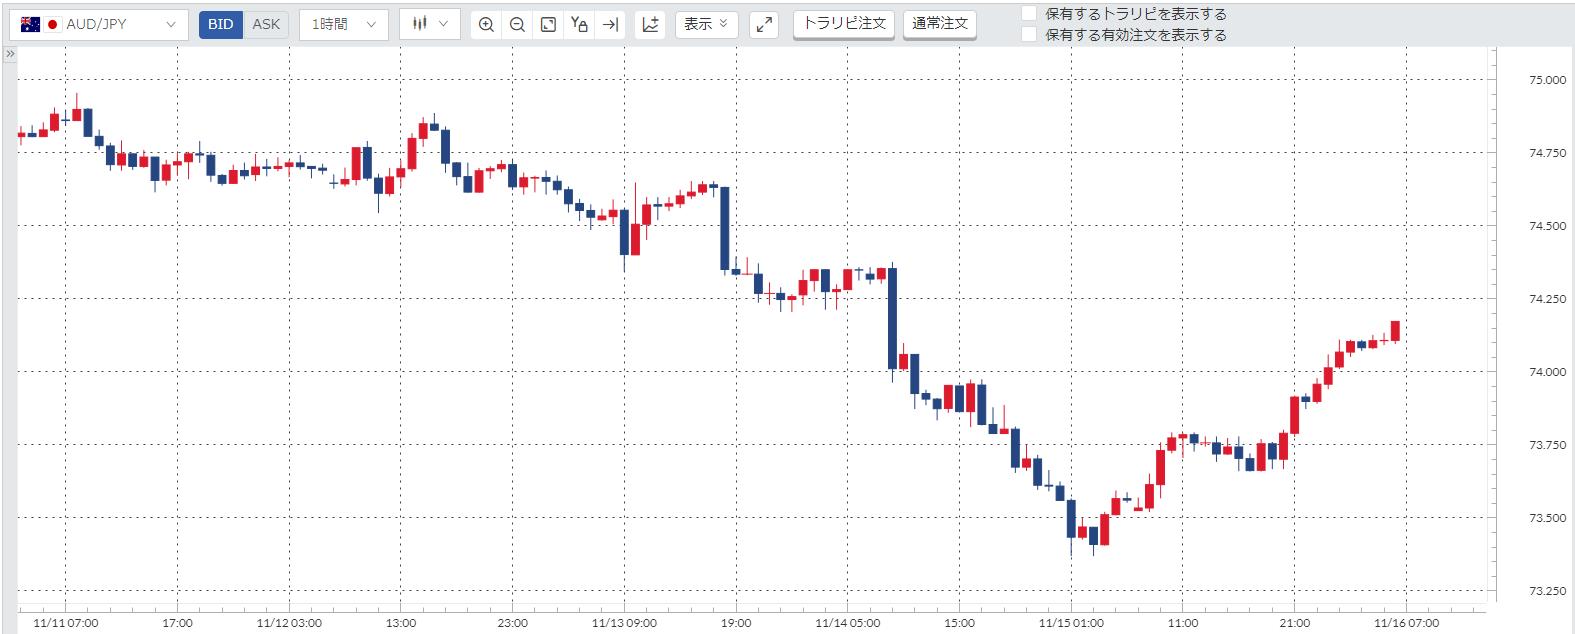 豪ドル円(AUD/JPY)週間チャート_191111-191115